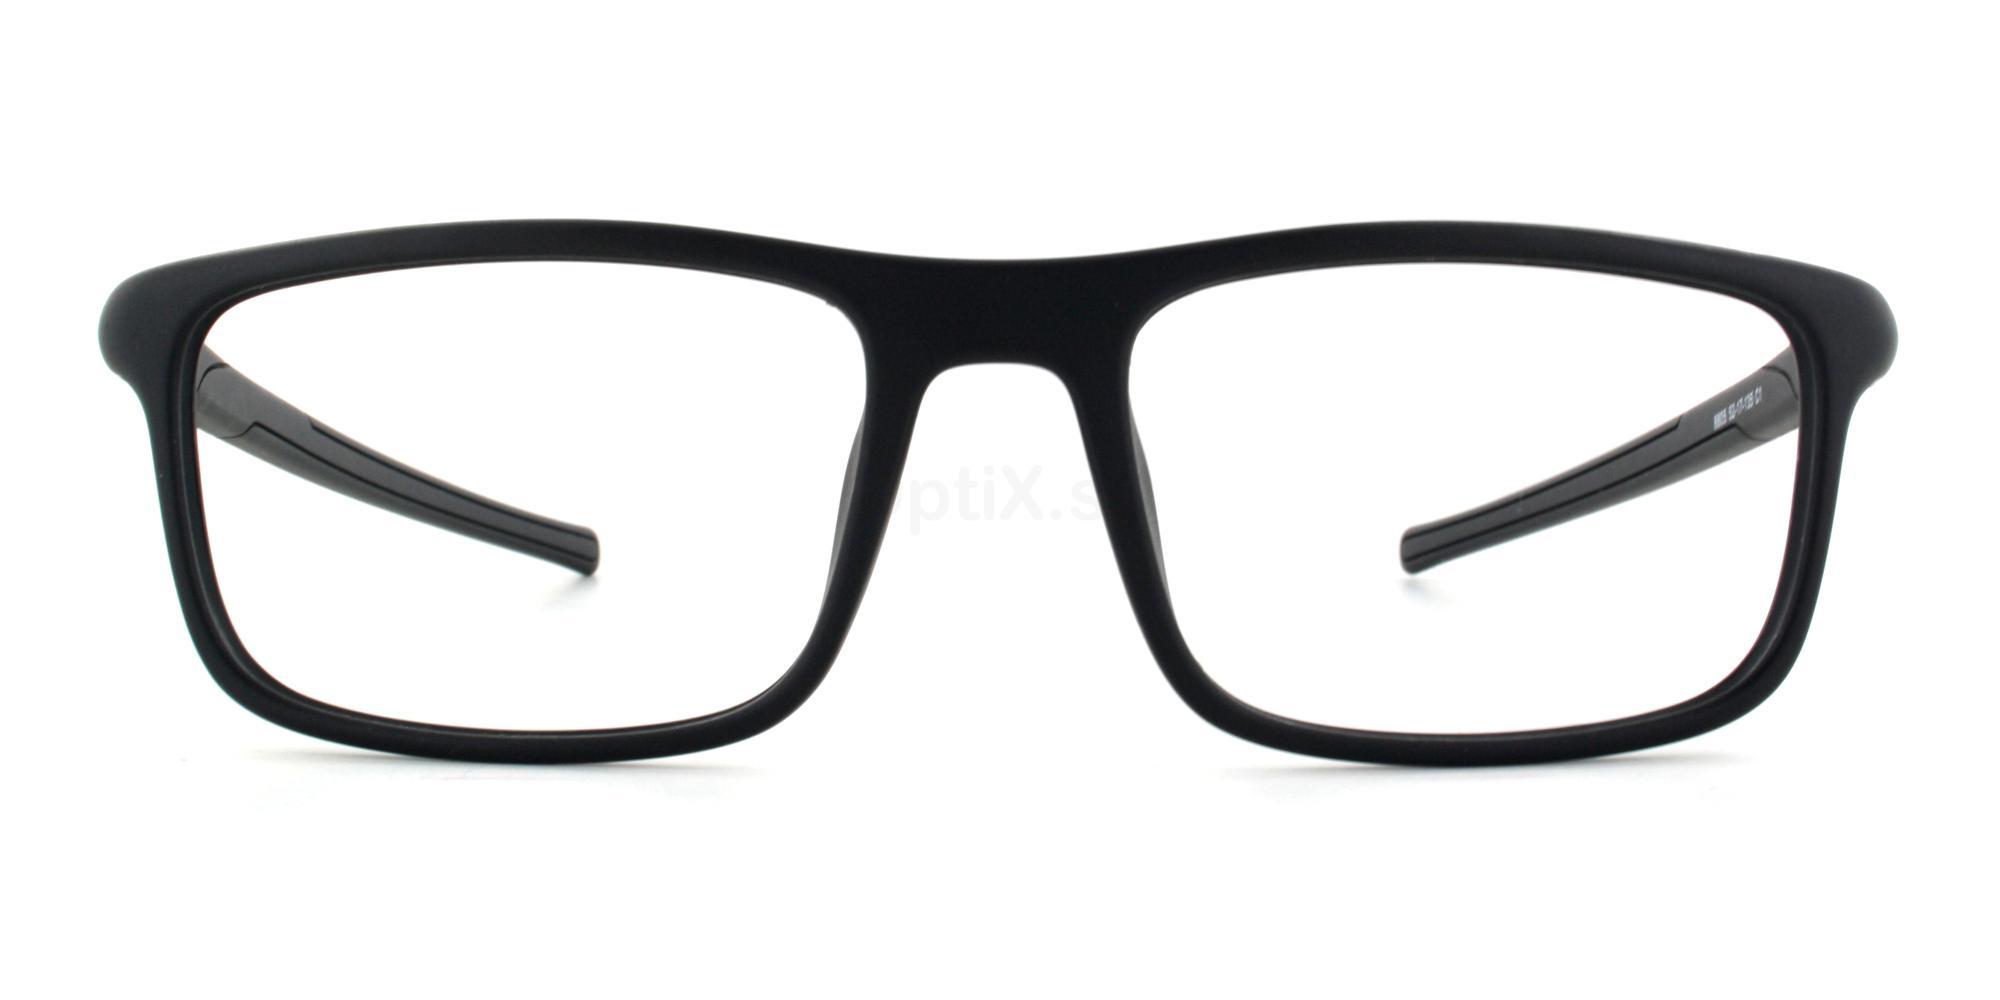 C1 8805 Glasses, Aero